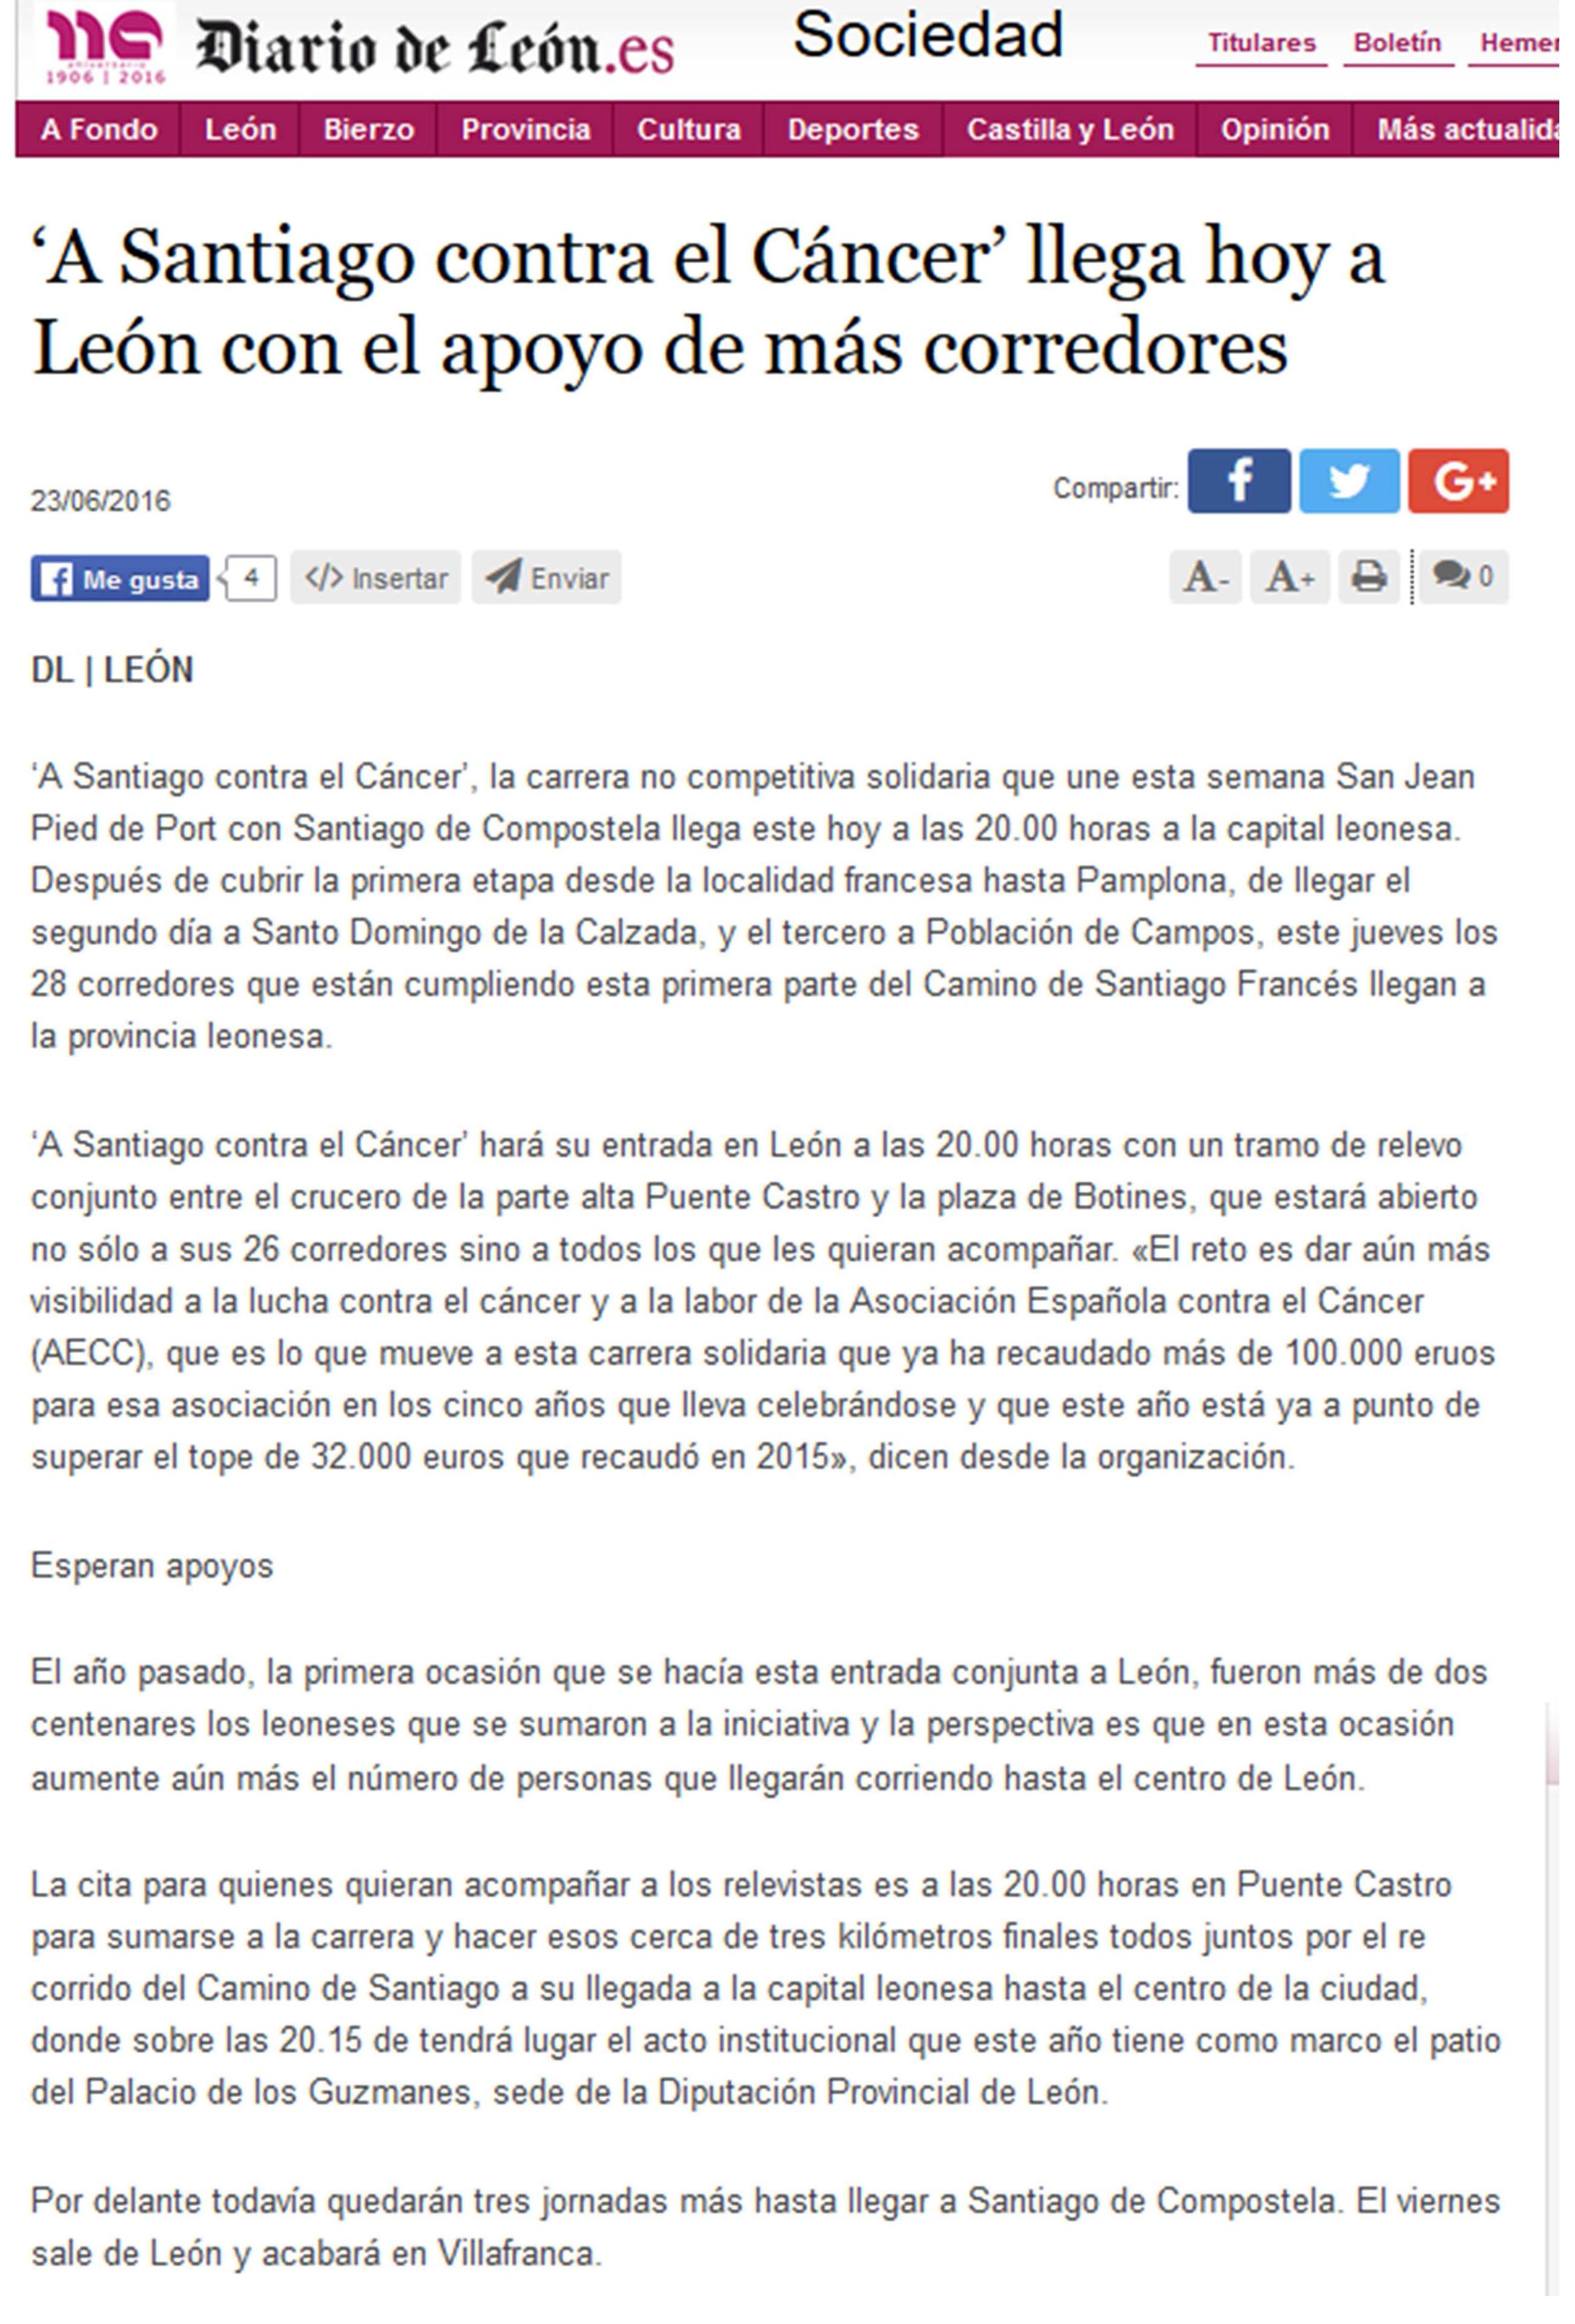 Resumen de prensa 2016 | A Santiago contra el cáncer